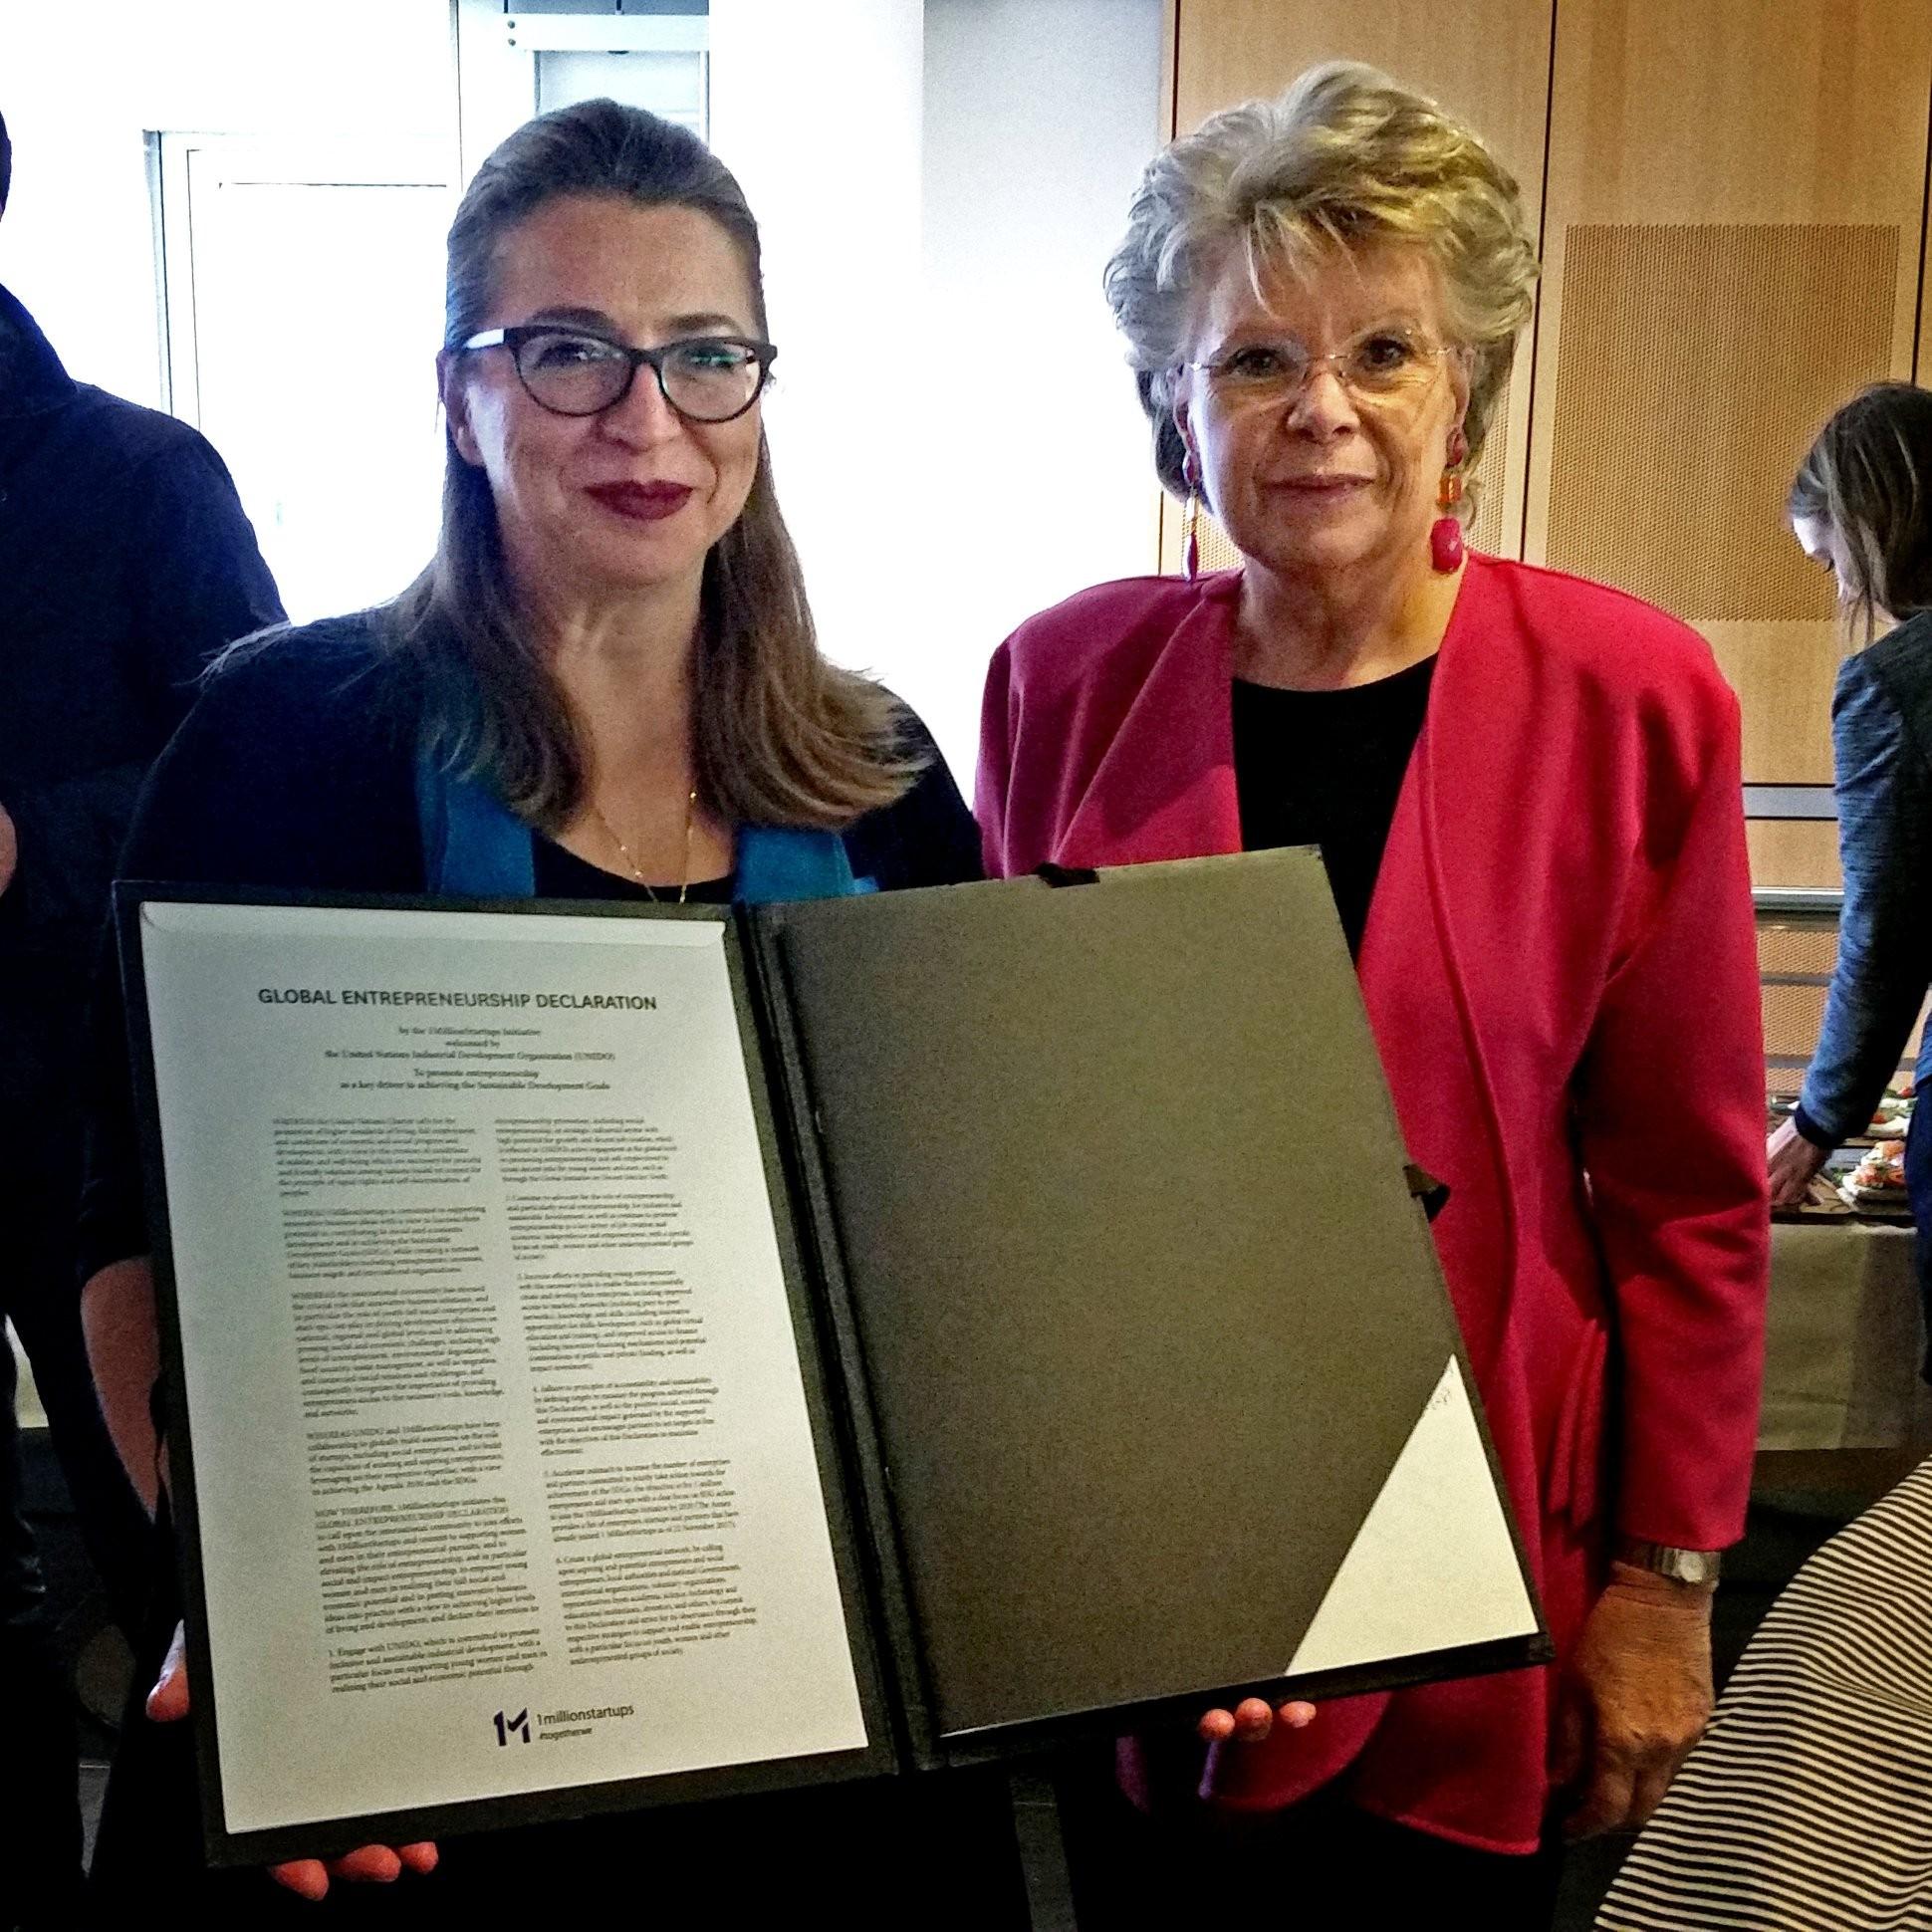 1MillionStartups: Selma Prodanovic mit der EU-Parlamentarierin und ehemaligen EU-Justiz-Kommissarin Viviane Reding bei der Unterzeichnung der Declaration.